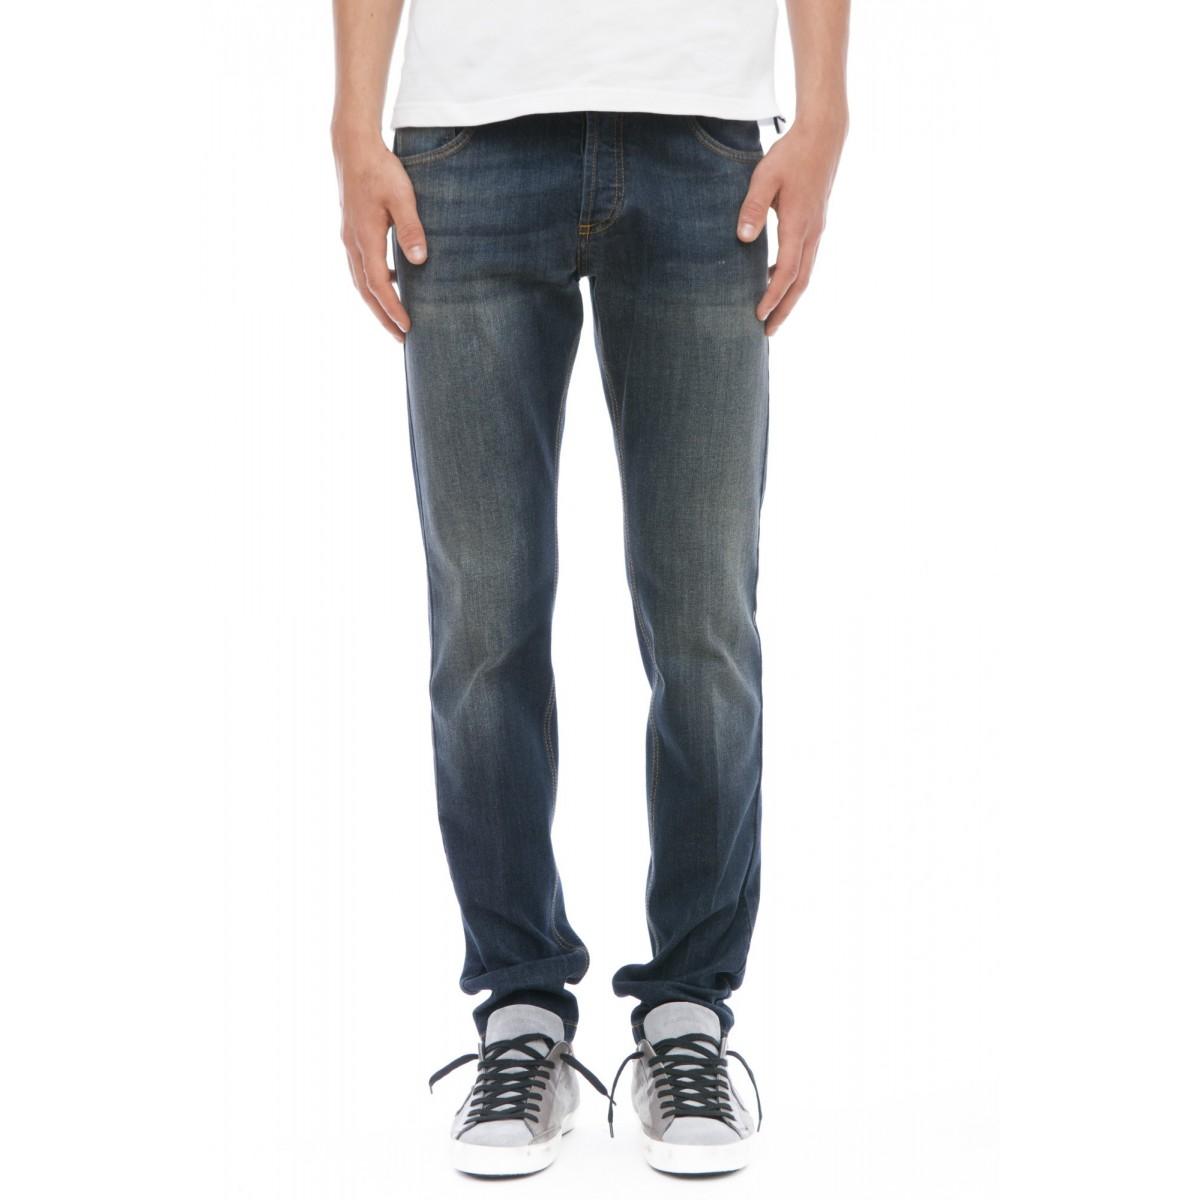 Jeans Entre amis - 8212/206 jeans strech slim